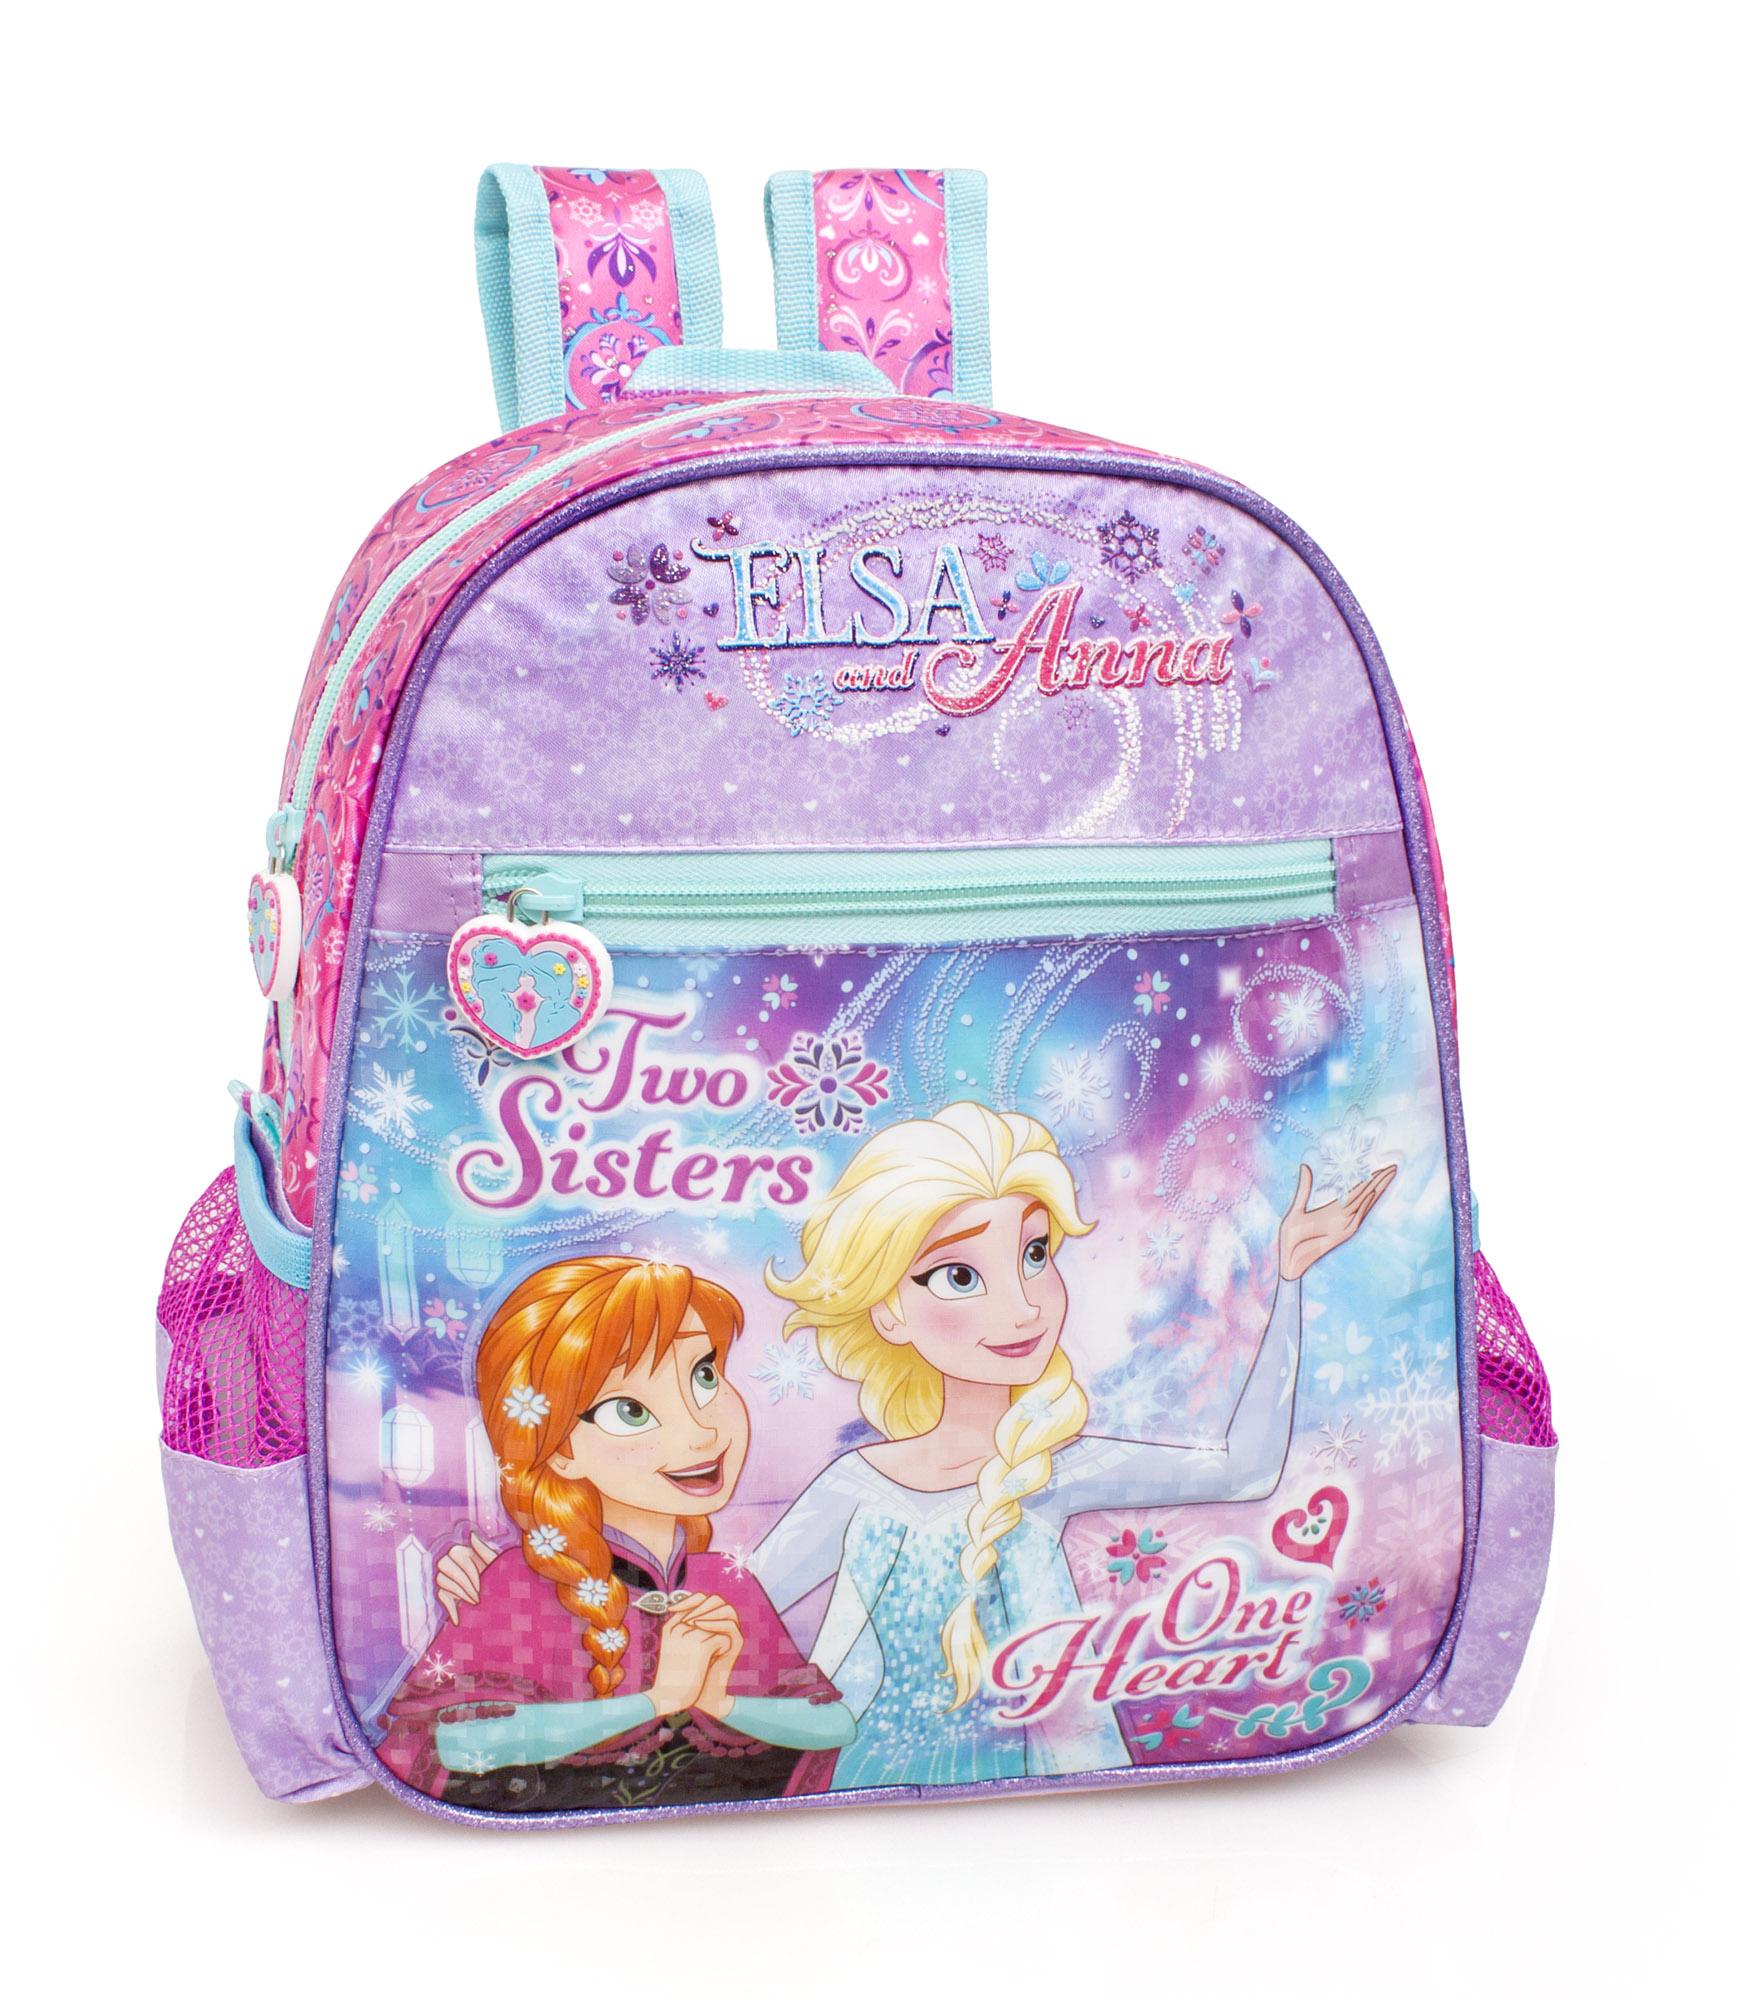 b511460d8d2 Disney Frozen Premium Junior Backpack ONE HEART 001.  6c0404aa6cdfc42d66f0ca1ba143f736